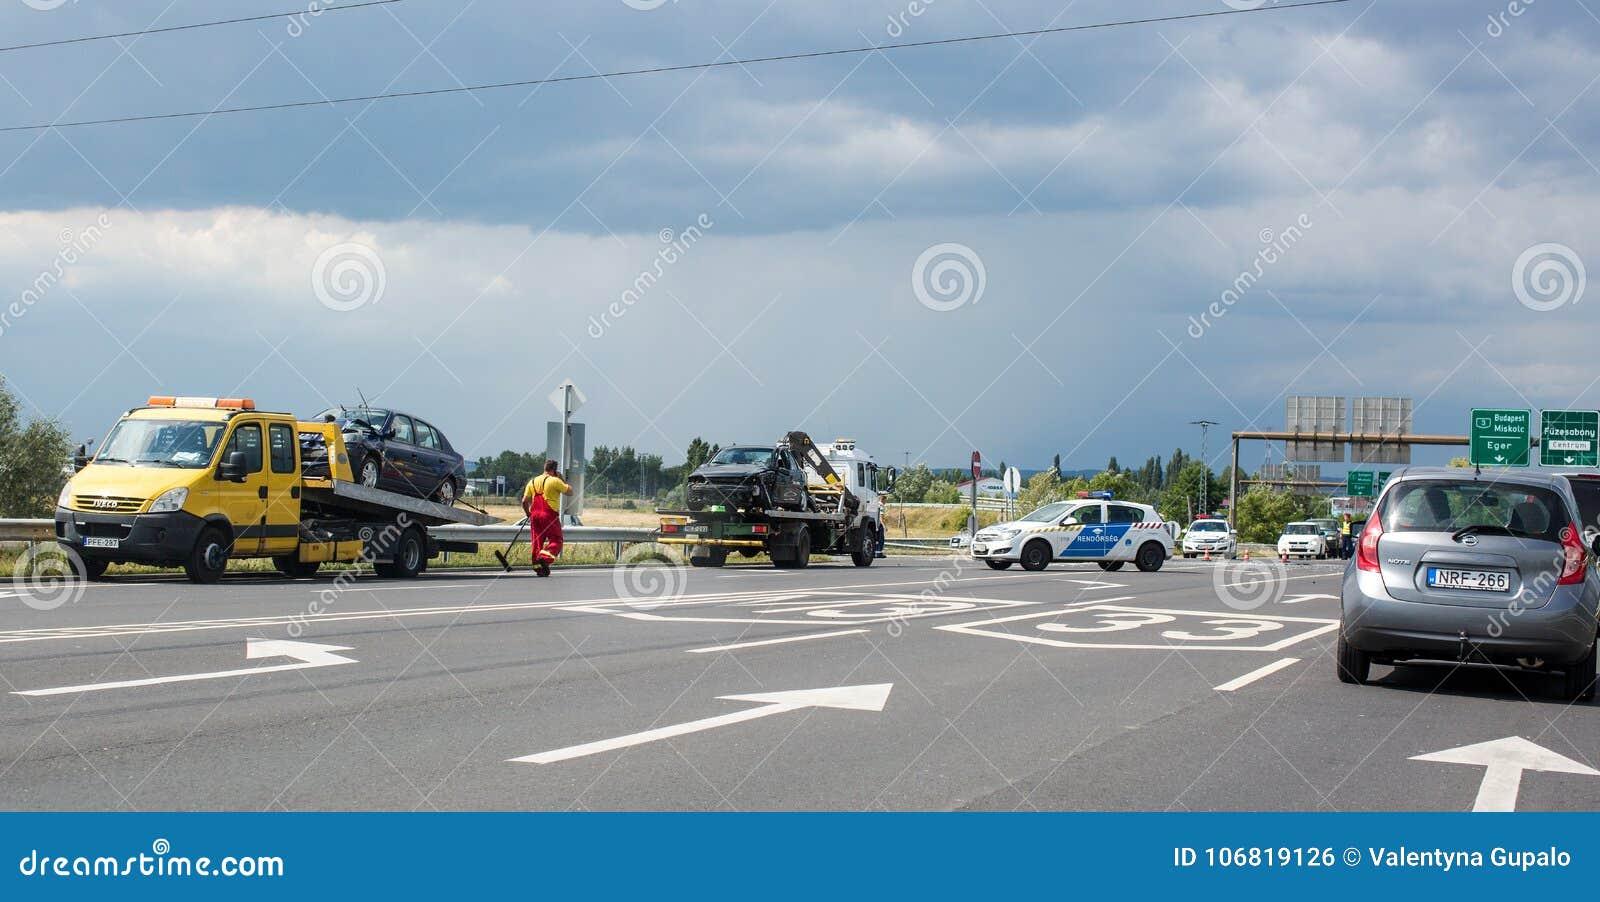 Fuzesabony, Węgry Dwa samochodu są na holowniczych ciężarówkach po wypadku na drodze Policja blokująca kupczy potłuczone szkło